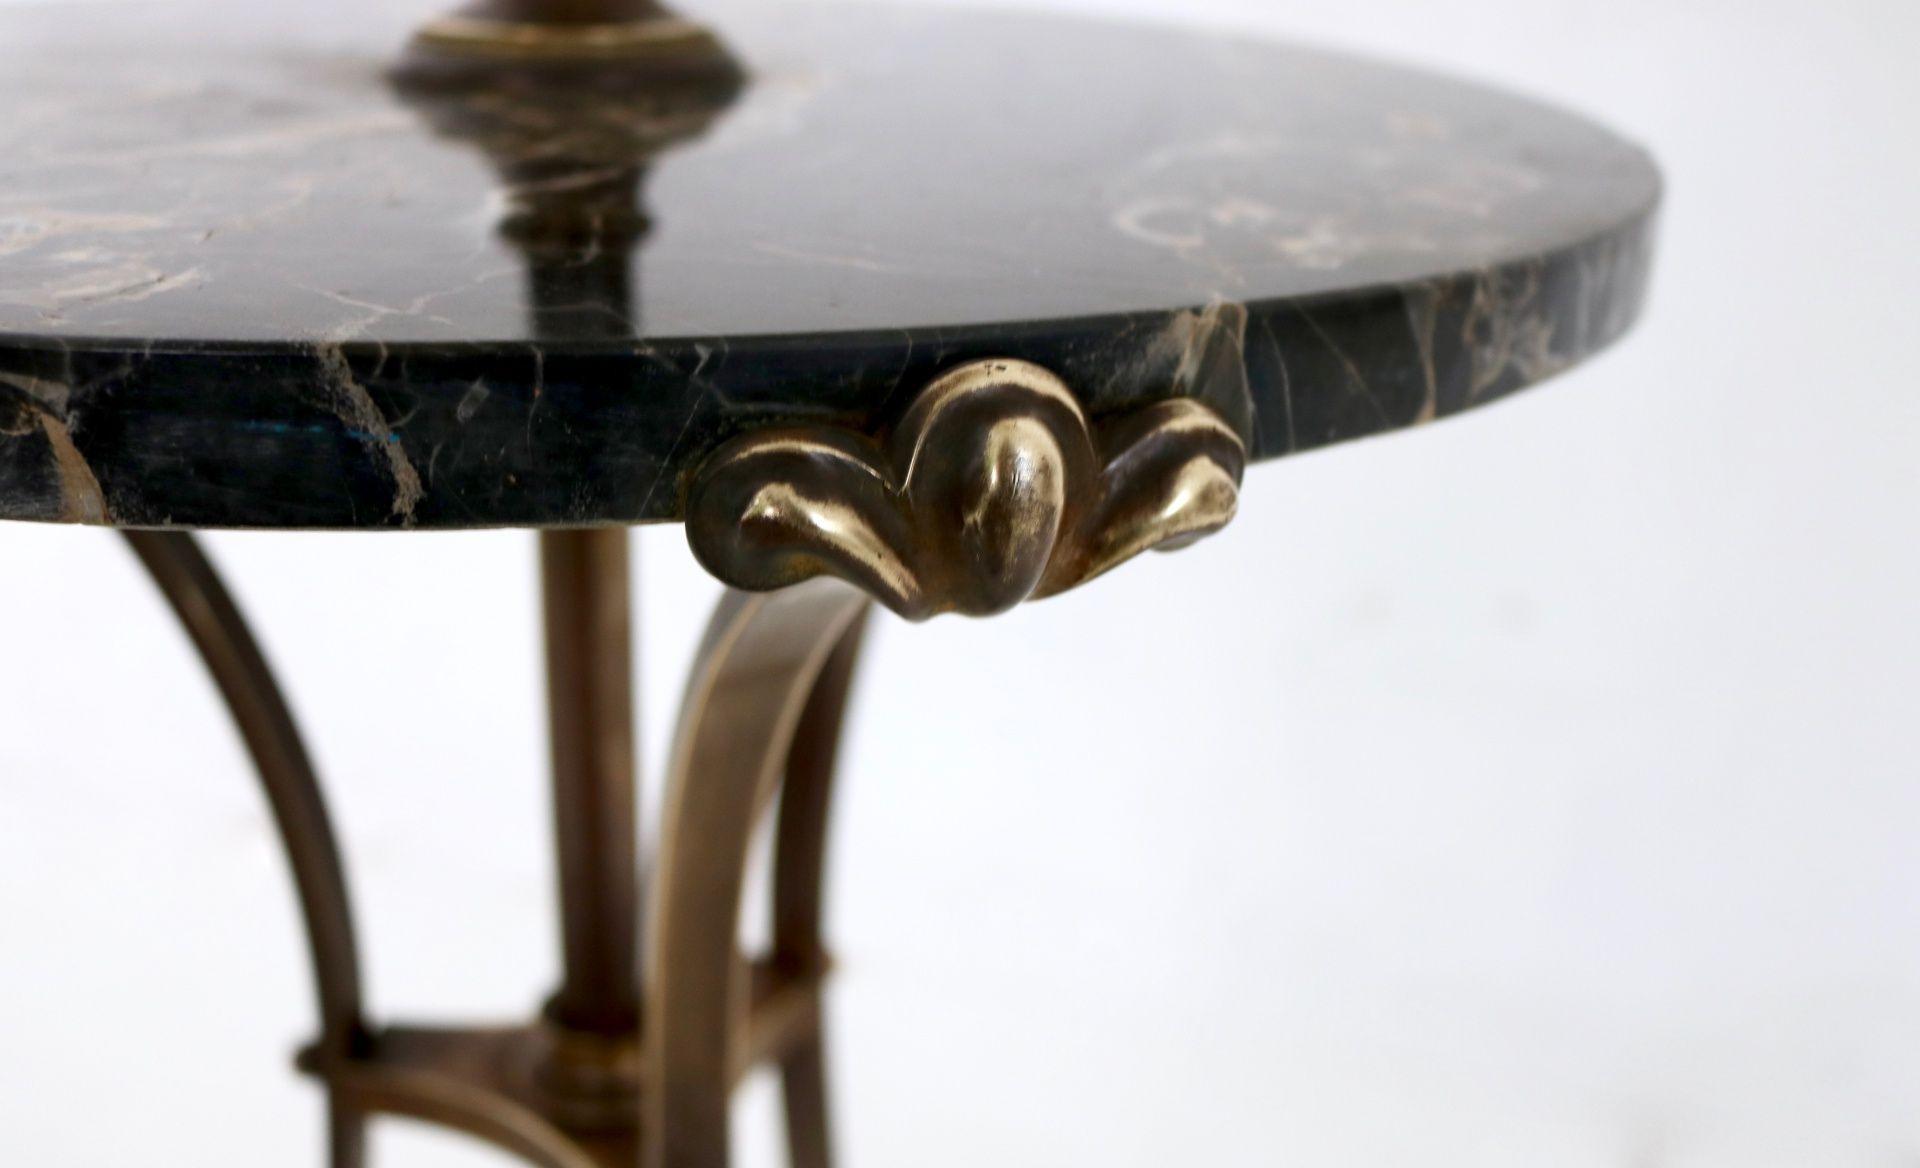 teleskopische bronze stehlampe mit portoro marmor ablage. Black Bedroom Furniture Sets. Home Design Ideas